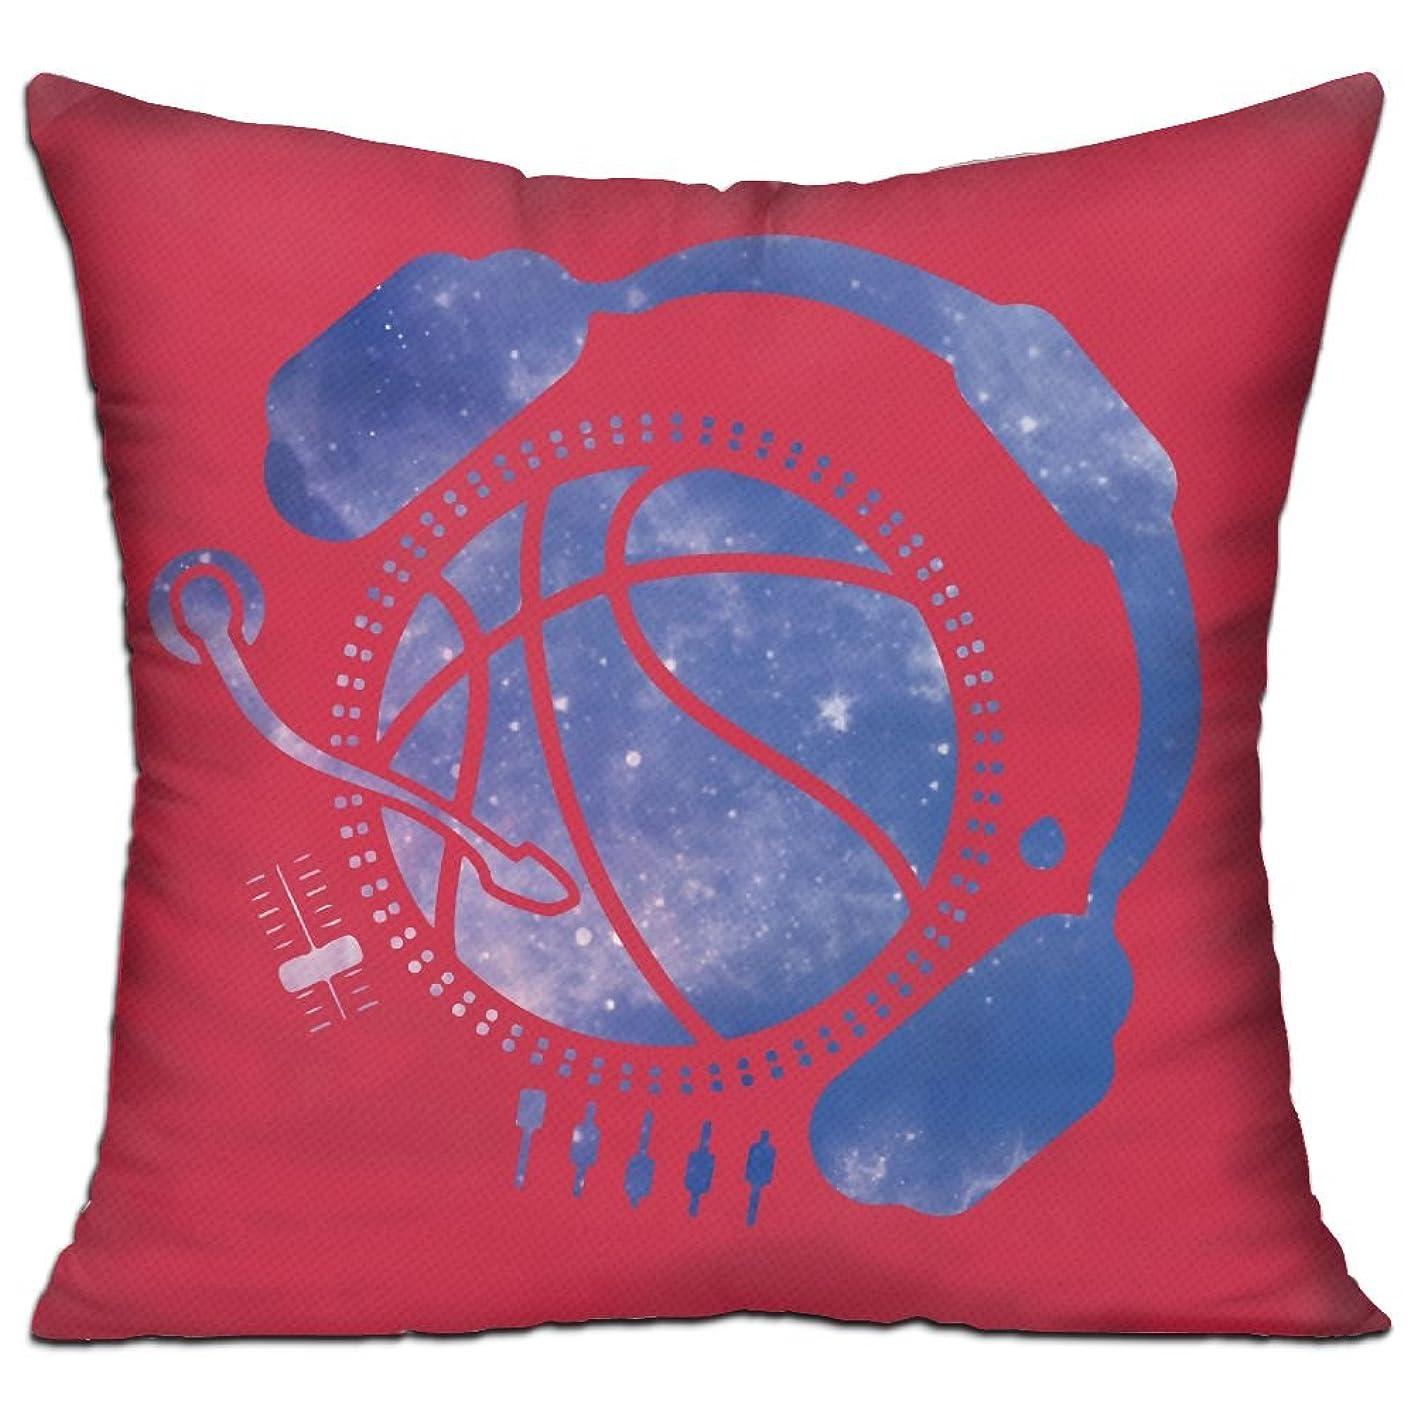 打ち負かすハグ生態学バスケ試合 ゲーム MC ロック魂 抱き枕 だきまくら クッション 座布団 柔らかい 贈り物 中身:綿 45*45cm